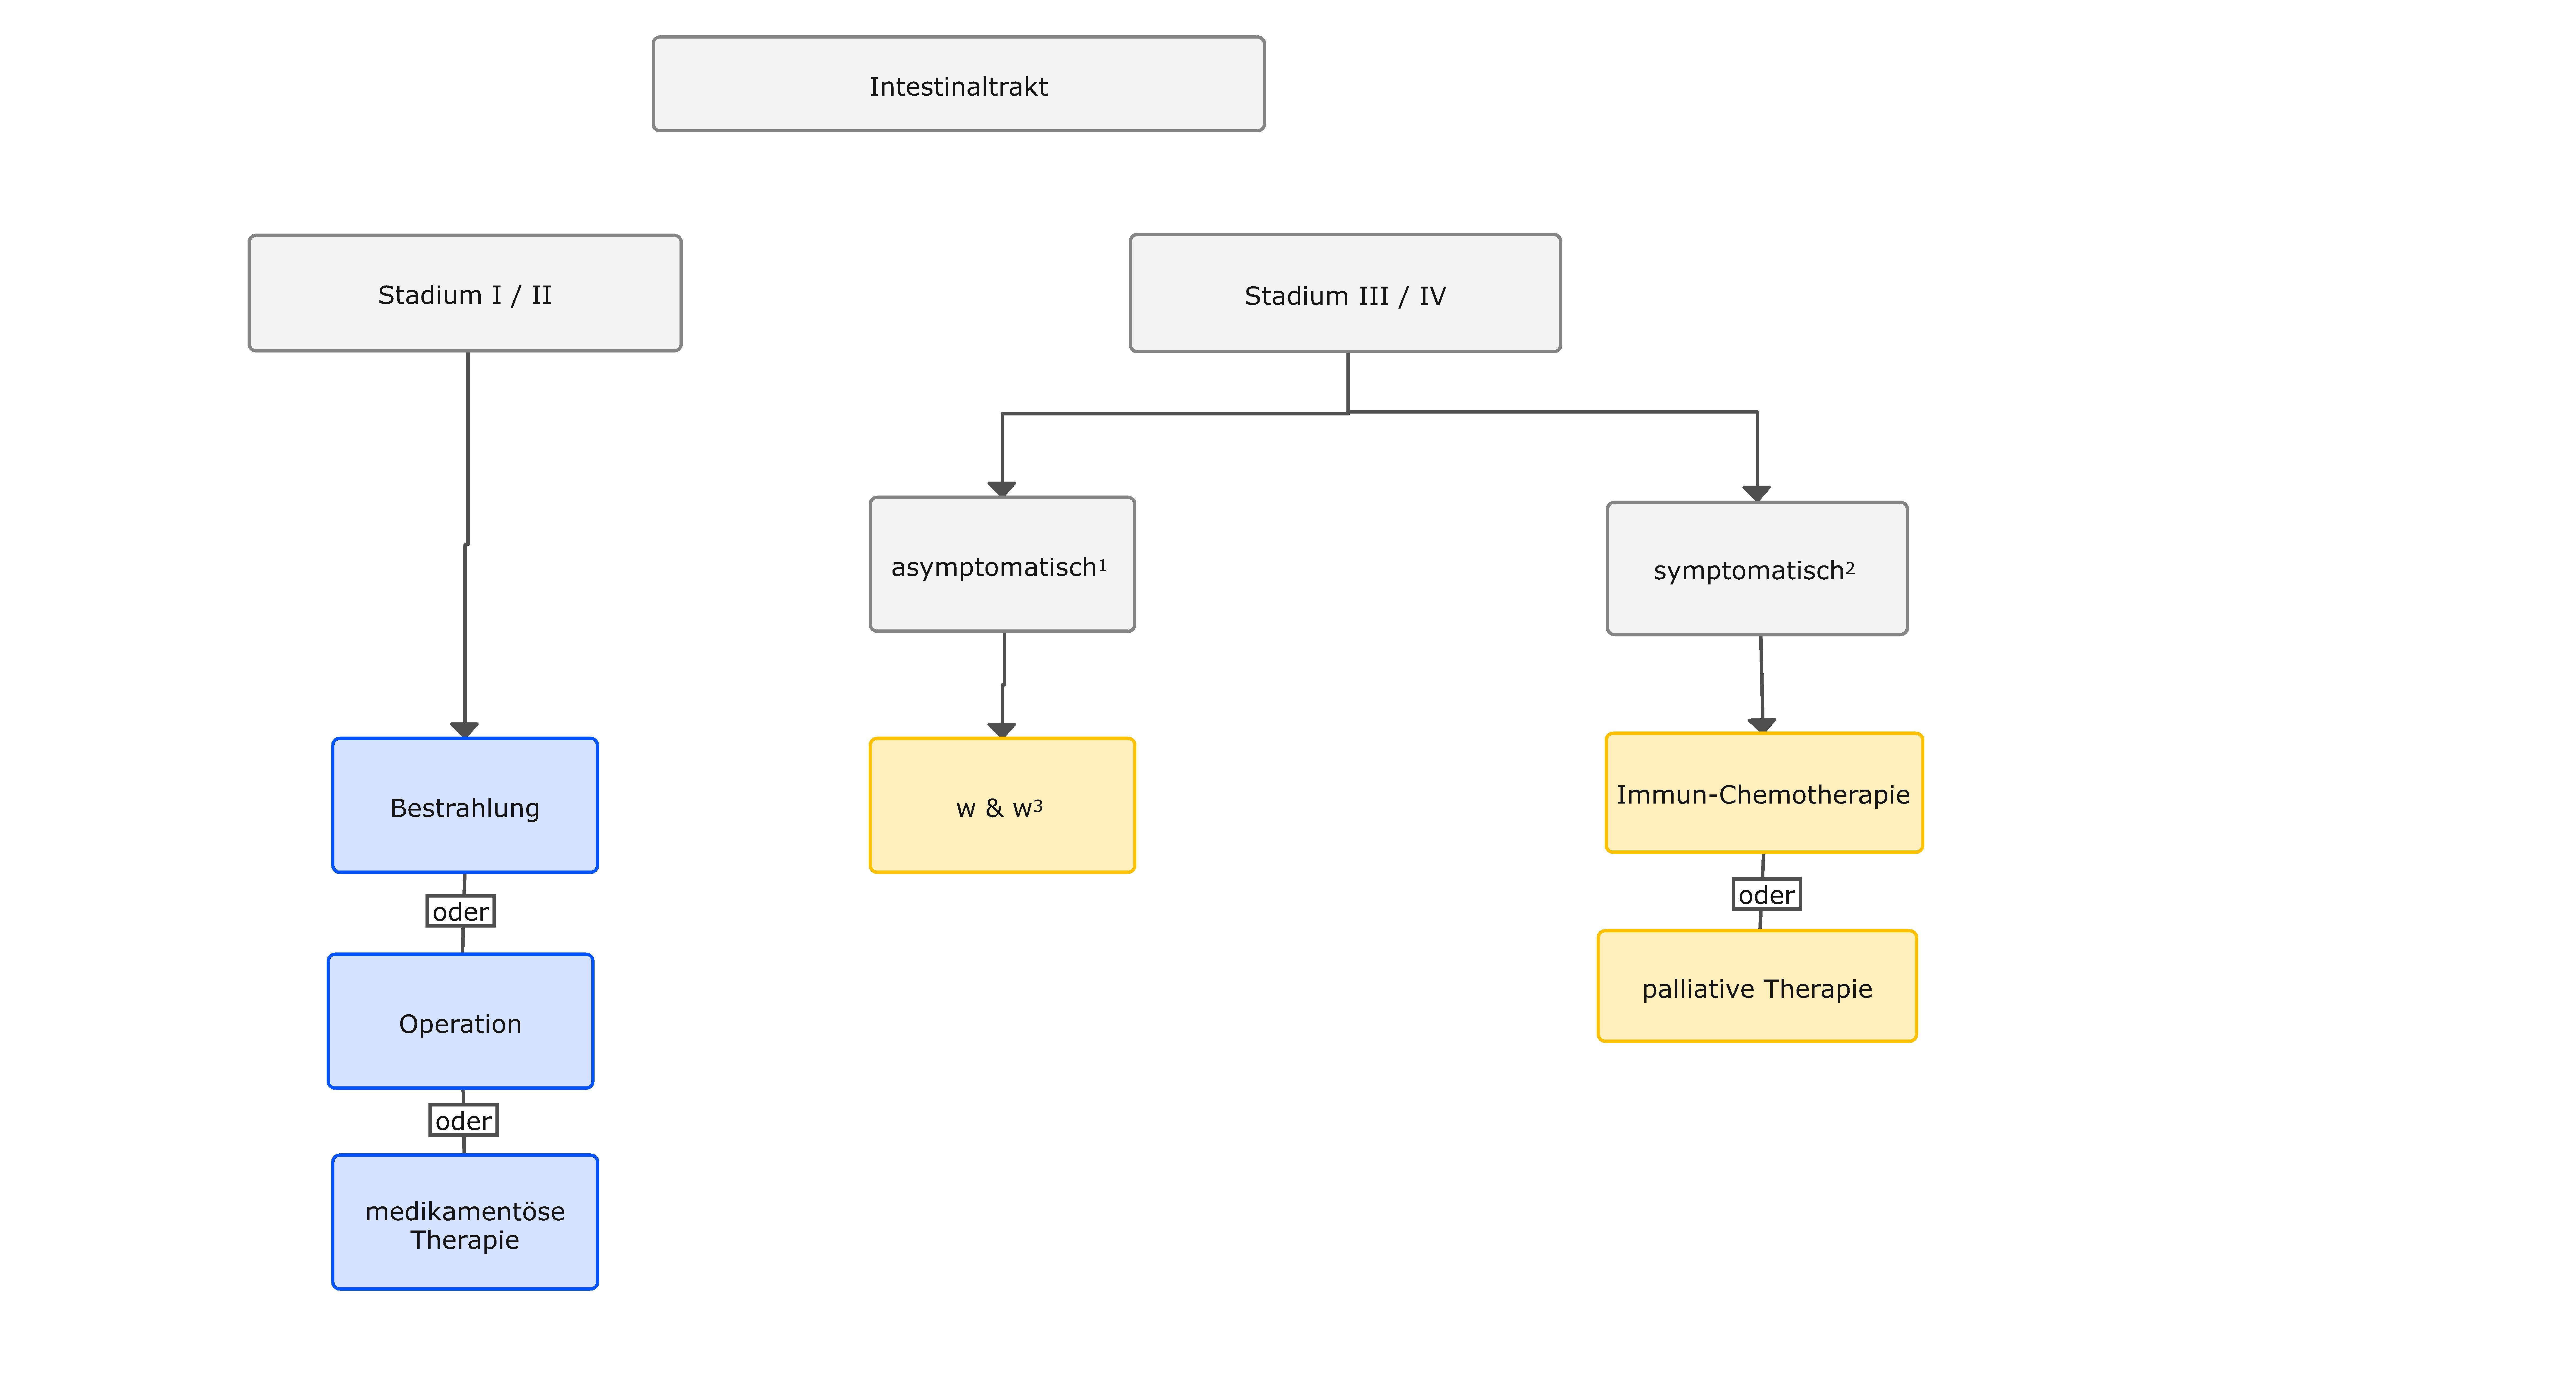 Therapiealgorithmus beim MALT-Lymphom des Intestinaltraktes